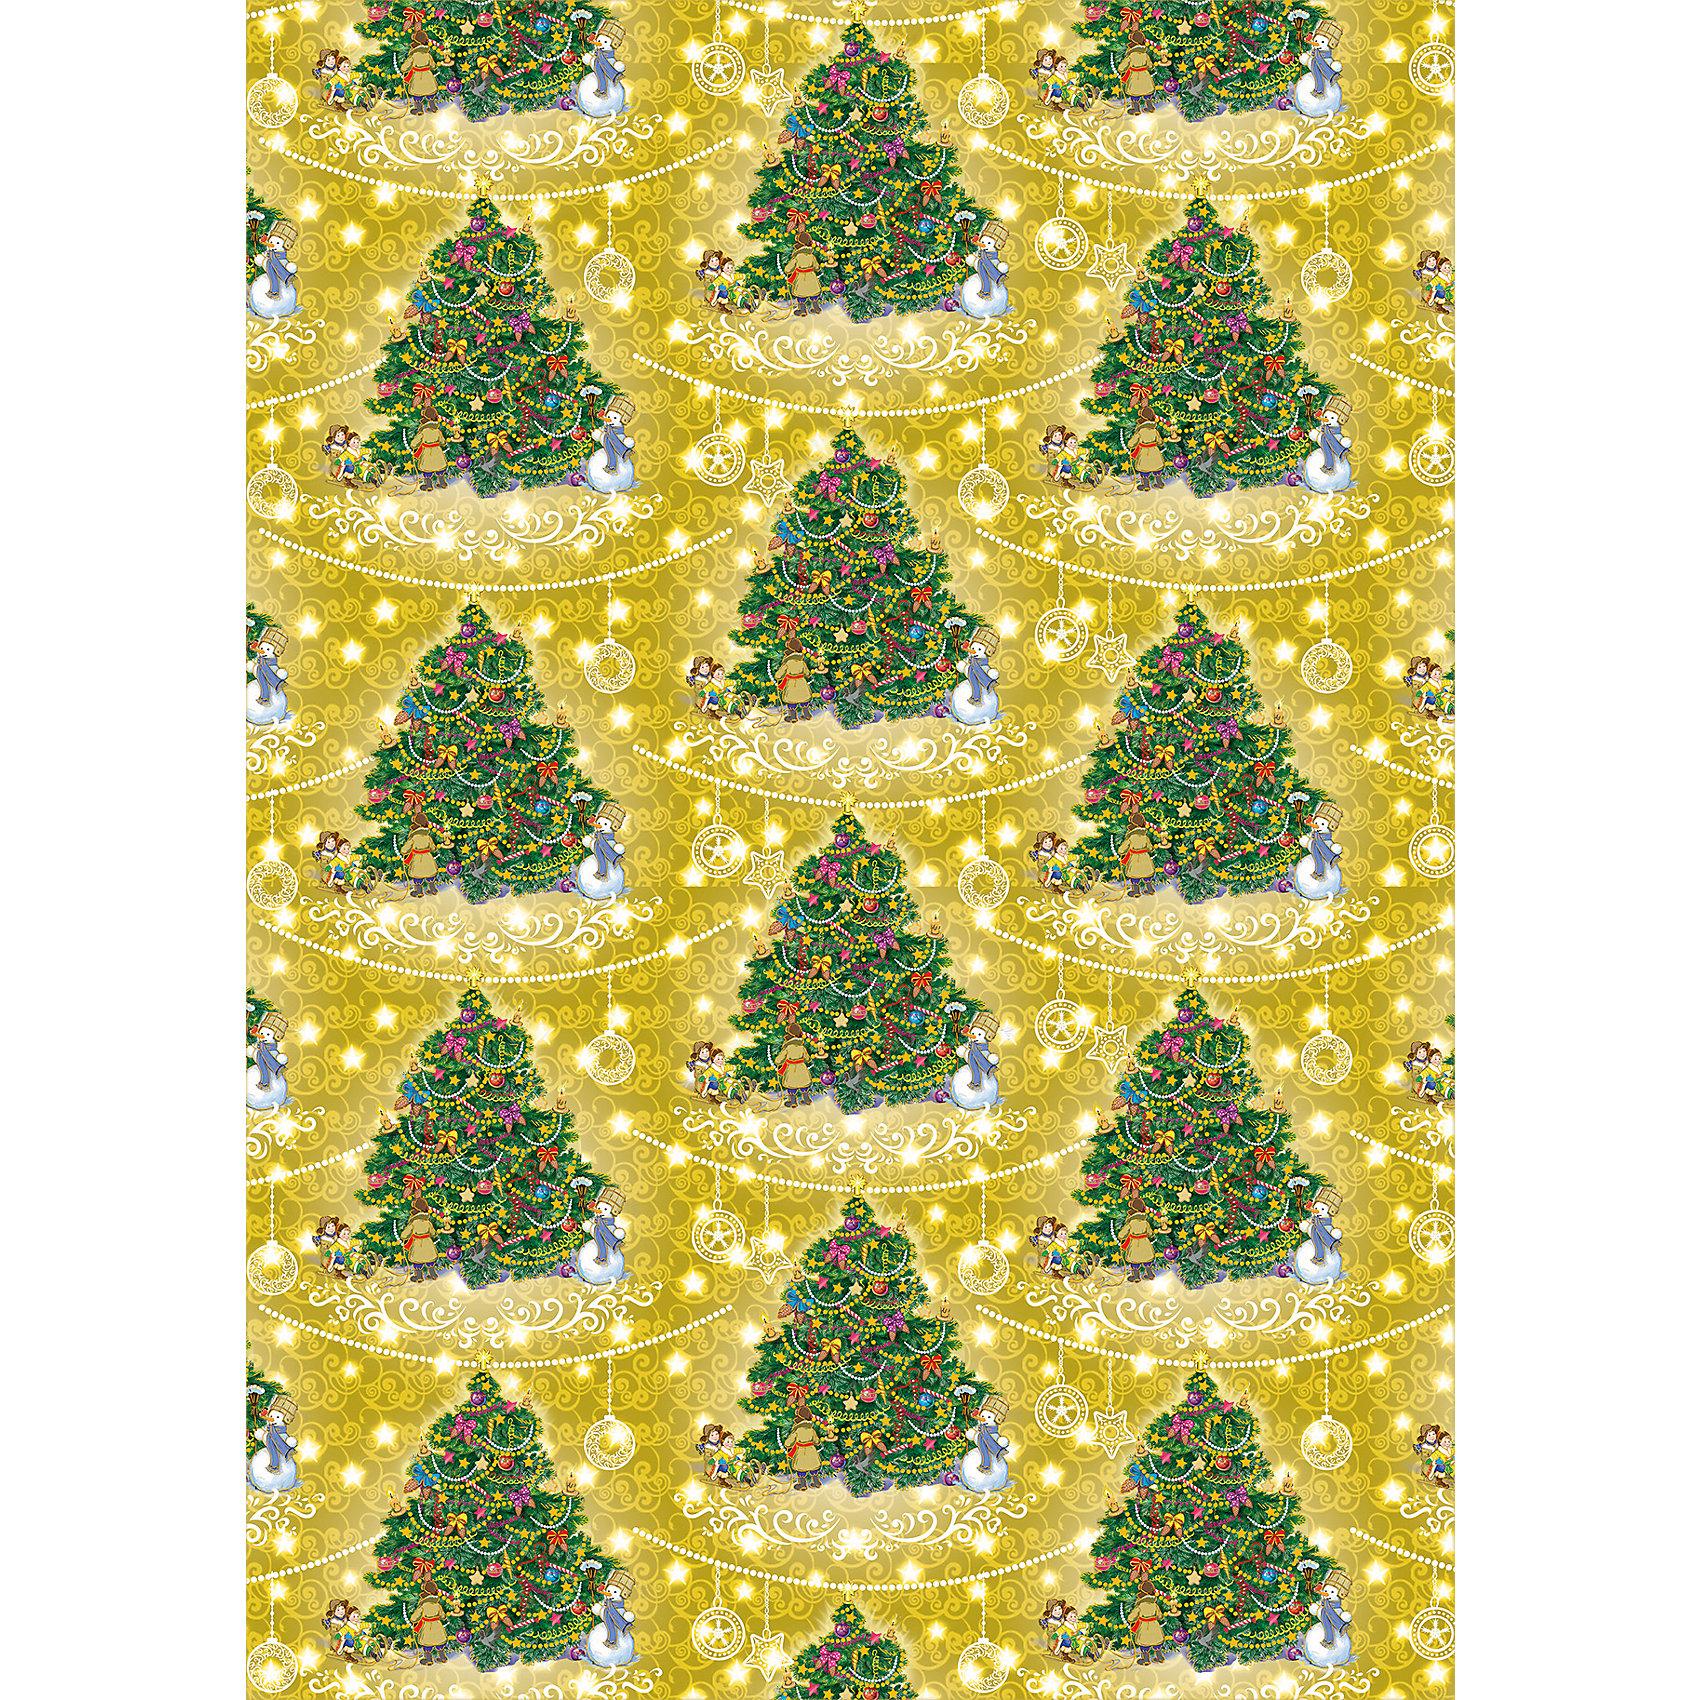 Упаковочная бумага Золотая елка 100*70 смВсё для праздника<br>Подарки – та часть новогоднего праздника, за которую Новый год любят все дети. Зачастую упаковке подарков уделяют недостаточно много внимания, делая акцент на содержании. С одной стороны, подход верный. Но всегда приятно получить подарок, который красиво упакован и пофантазировать, что же там внутри. Упаковочная новогодняя бумага облегчит процесс обертывания подарка и сделает его быстрым и приятным. Материалы, использованные при изготовлении товара, абсолютно безопасны и отвечают всем международным требованиям по качеству. <br><br>Дополнительные характеристики:<br><br>плотность бумаги: 80 г/м2;<br>украшена рисунком;<br>размер: 100 х 70 мм.<br><br>Упаковочную бумагу Золотая елка от компании Феникс Present можно приобрести в нашем магазине.<br><br>Ширина мм: 100<br>Глубина мм: 100<br>Высота мм: 60<br>Вес г: 62<br>Возраст от месяцев: 36<br>Возраст до месяцев: 2147483647<br>Пол: Унисекс<br>Возраст: Детский<br>SKU: 4981615